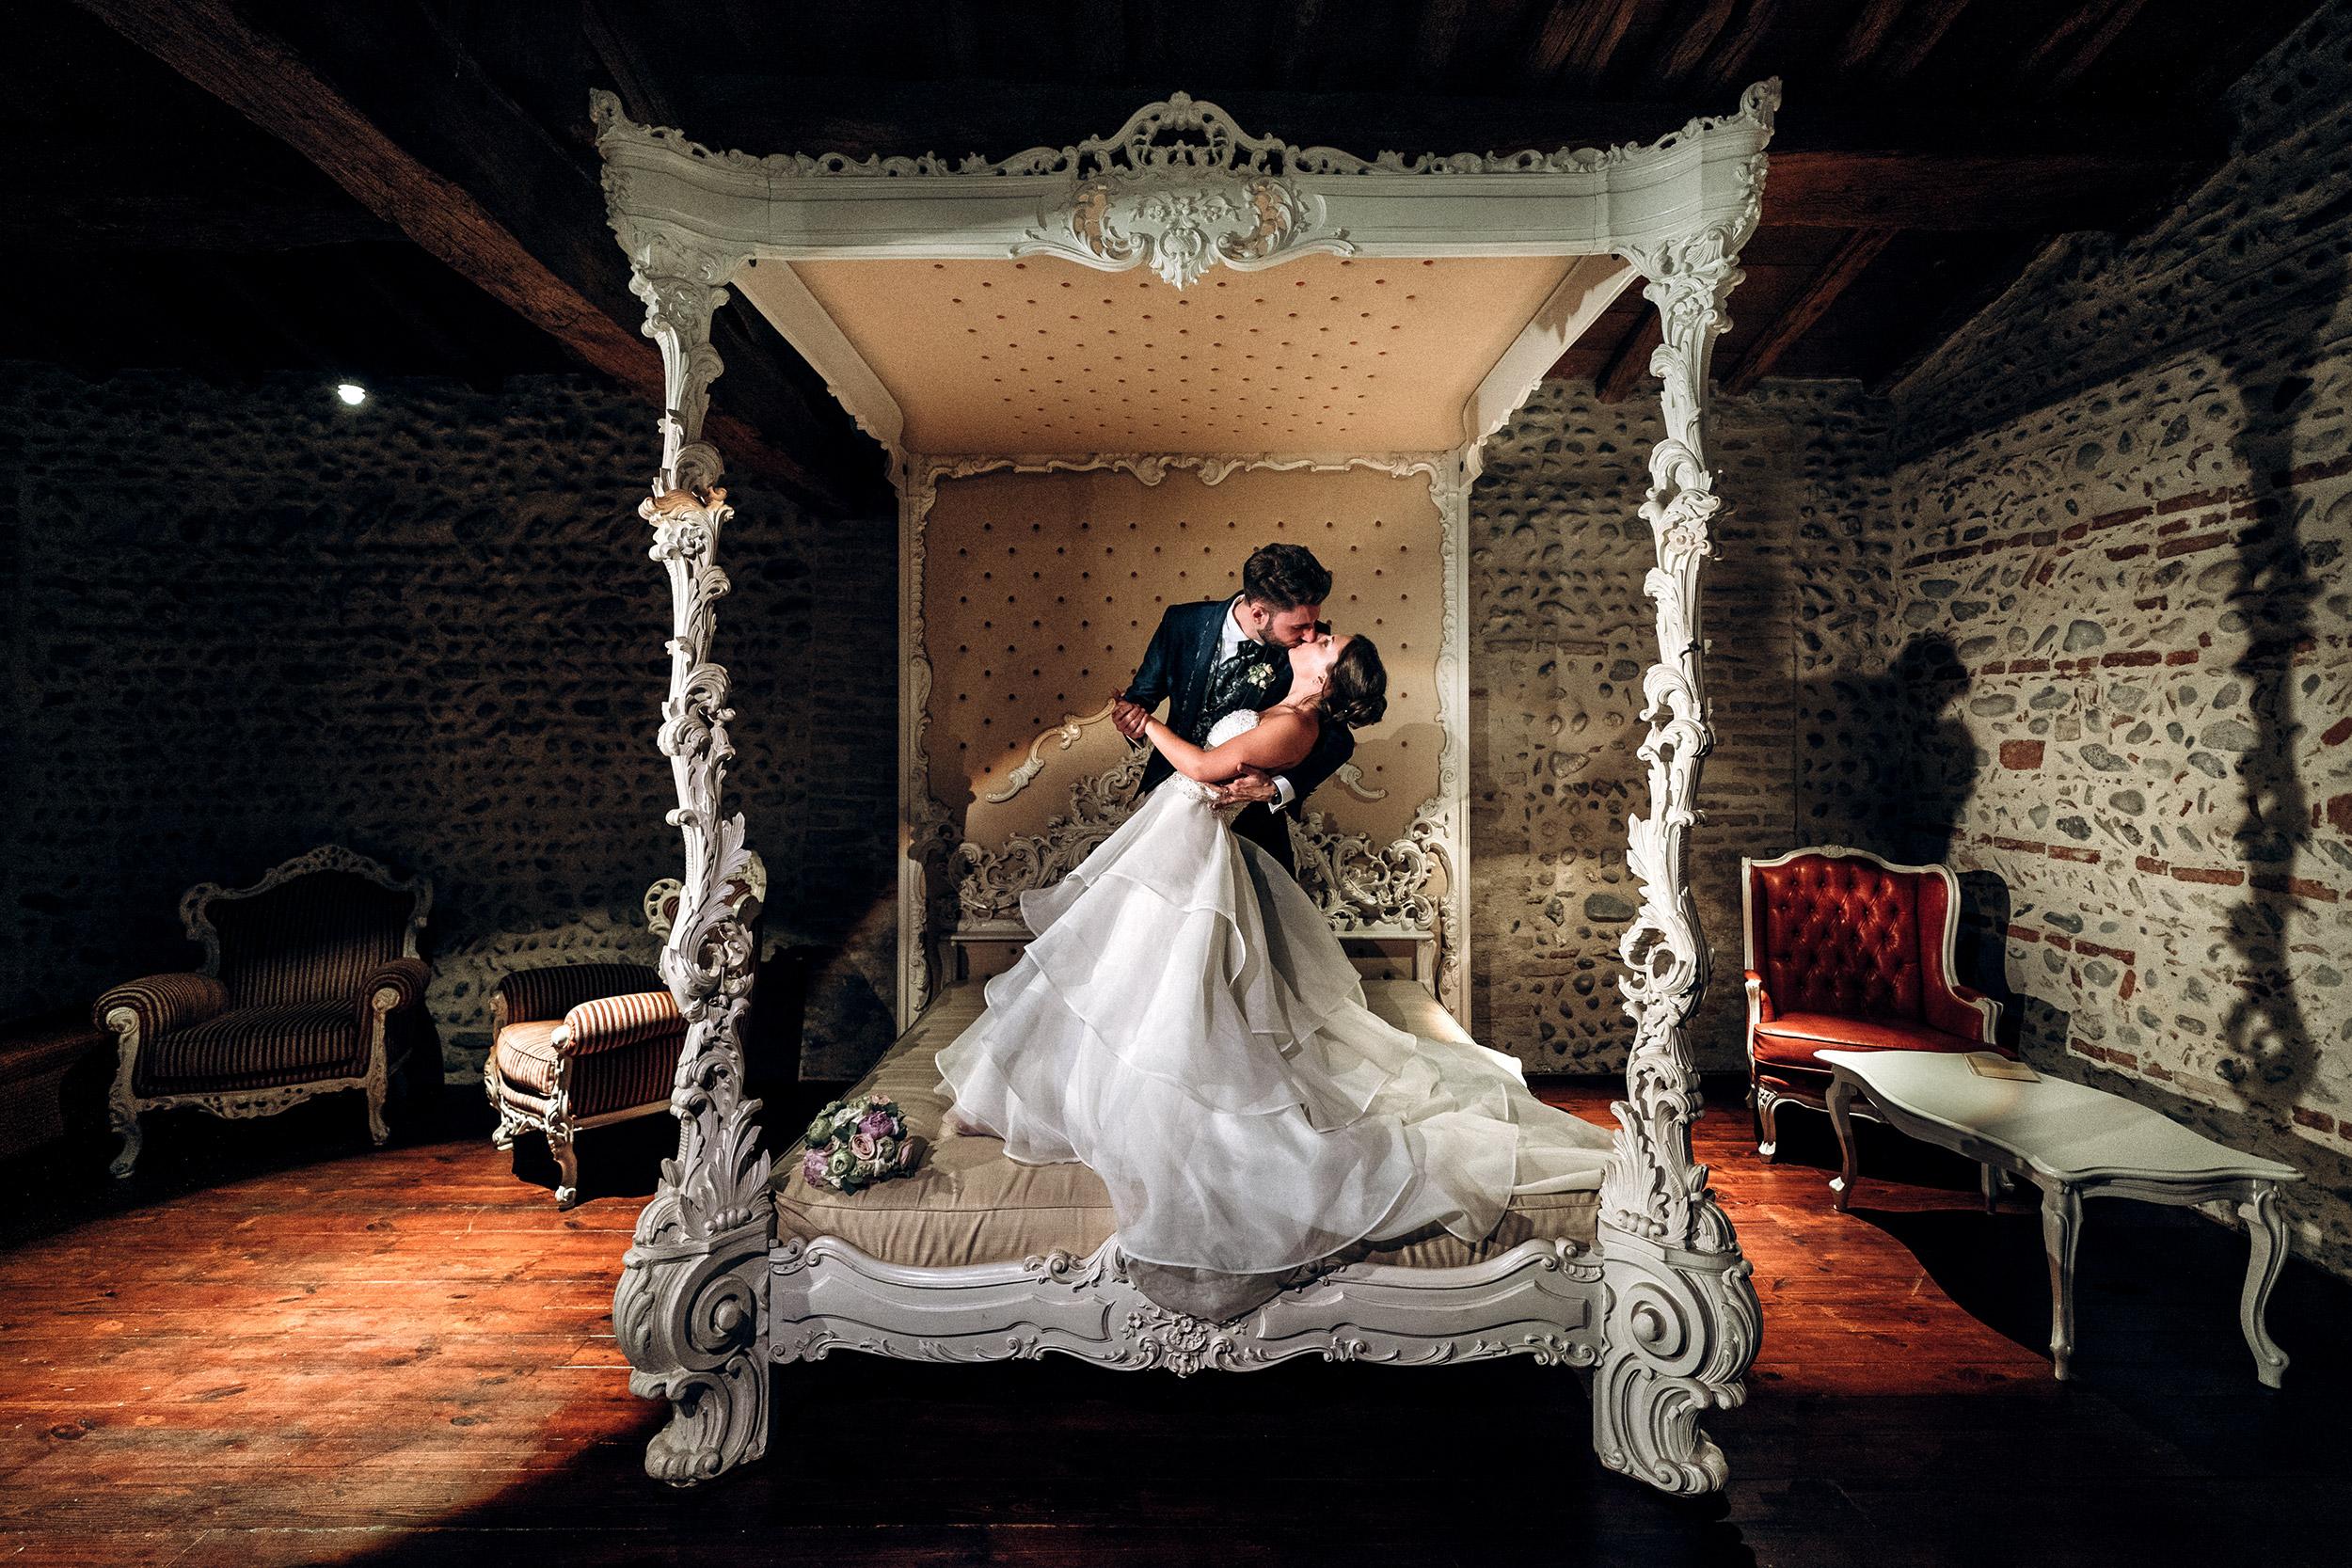 001 fotografo matrimonio bergamo convento neveri bariano 2